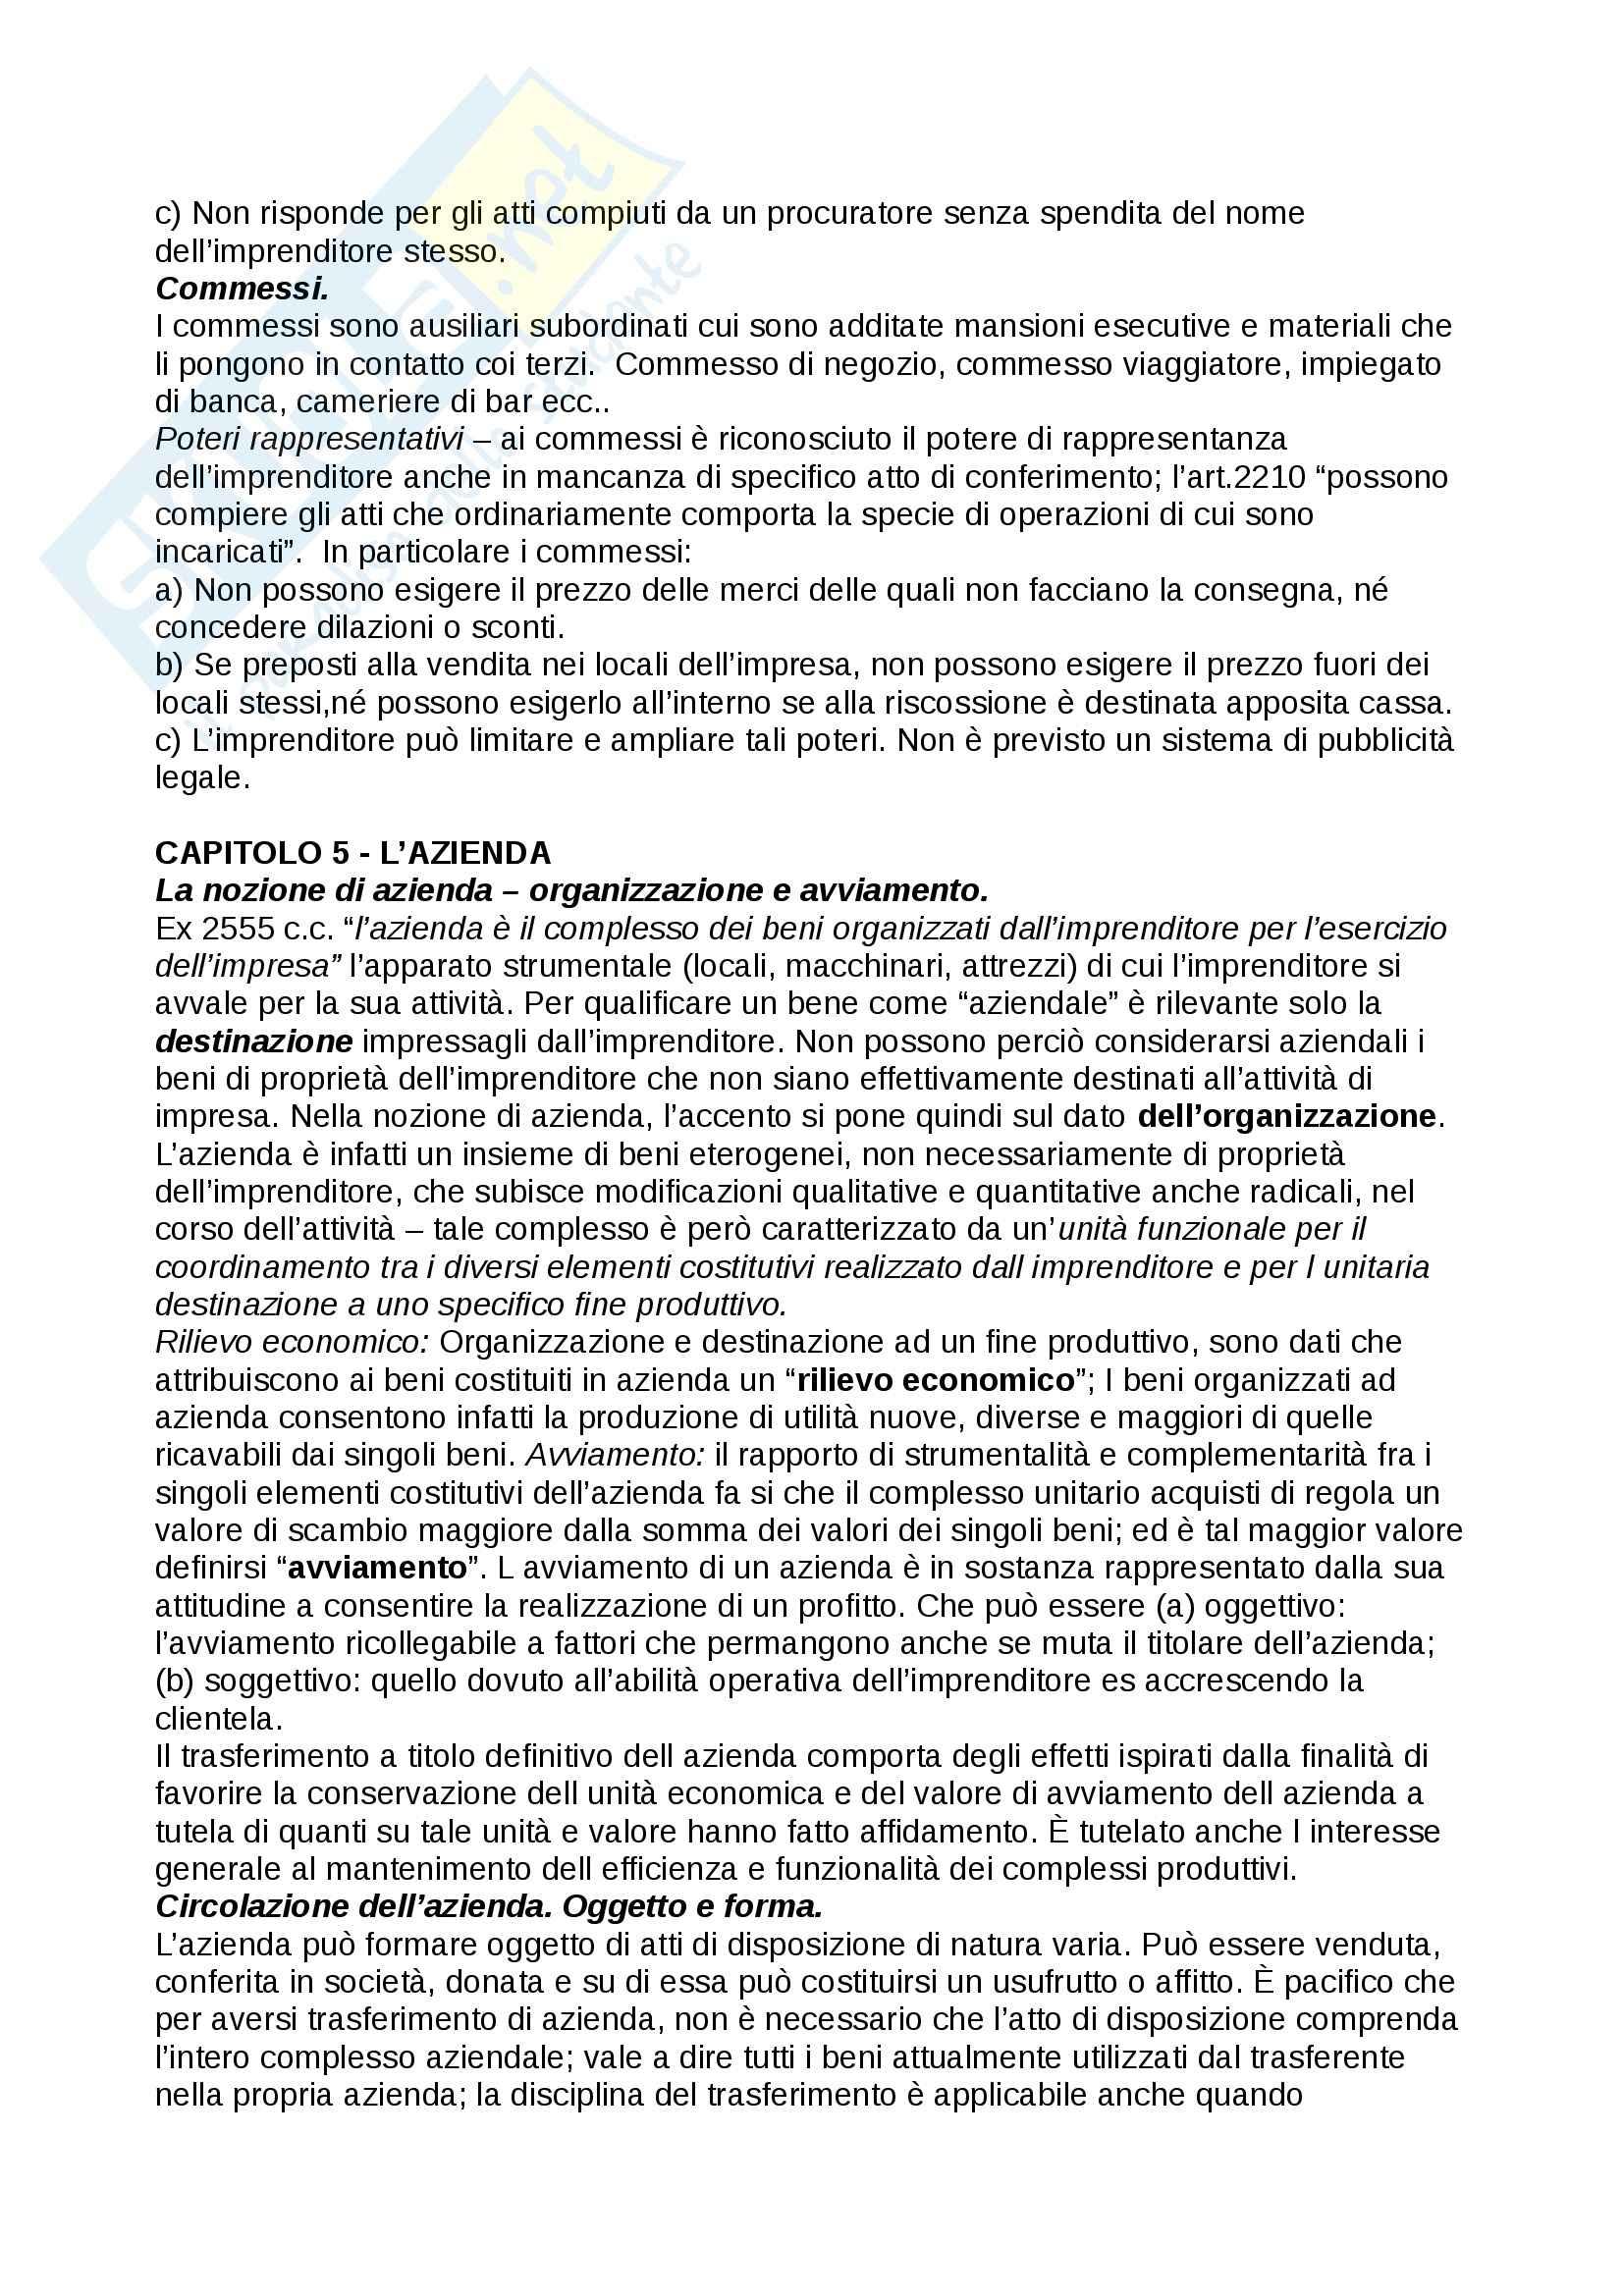 sunto diritto commerciale professor campobasso manuale consigliato campobasso Pag. 21